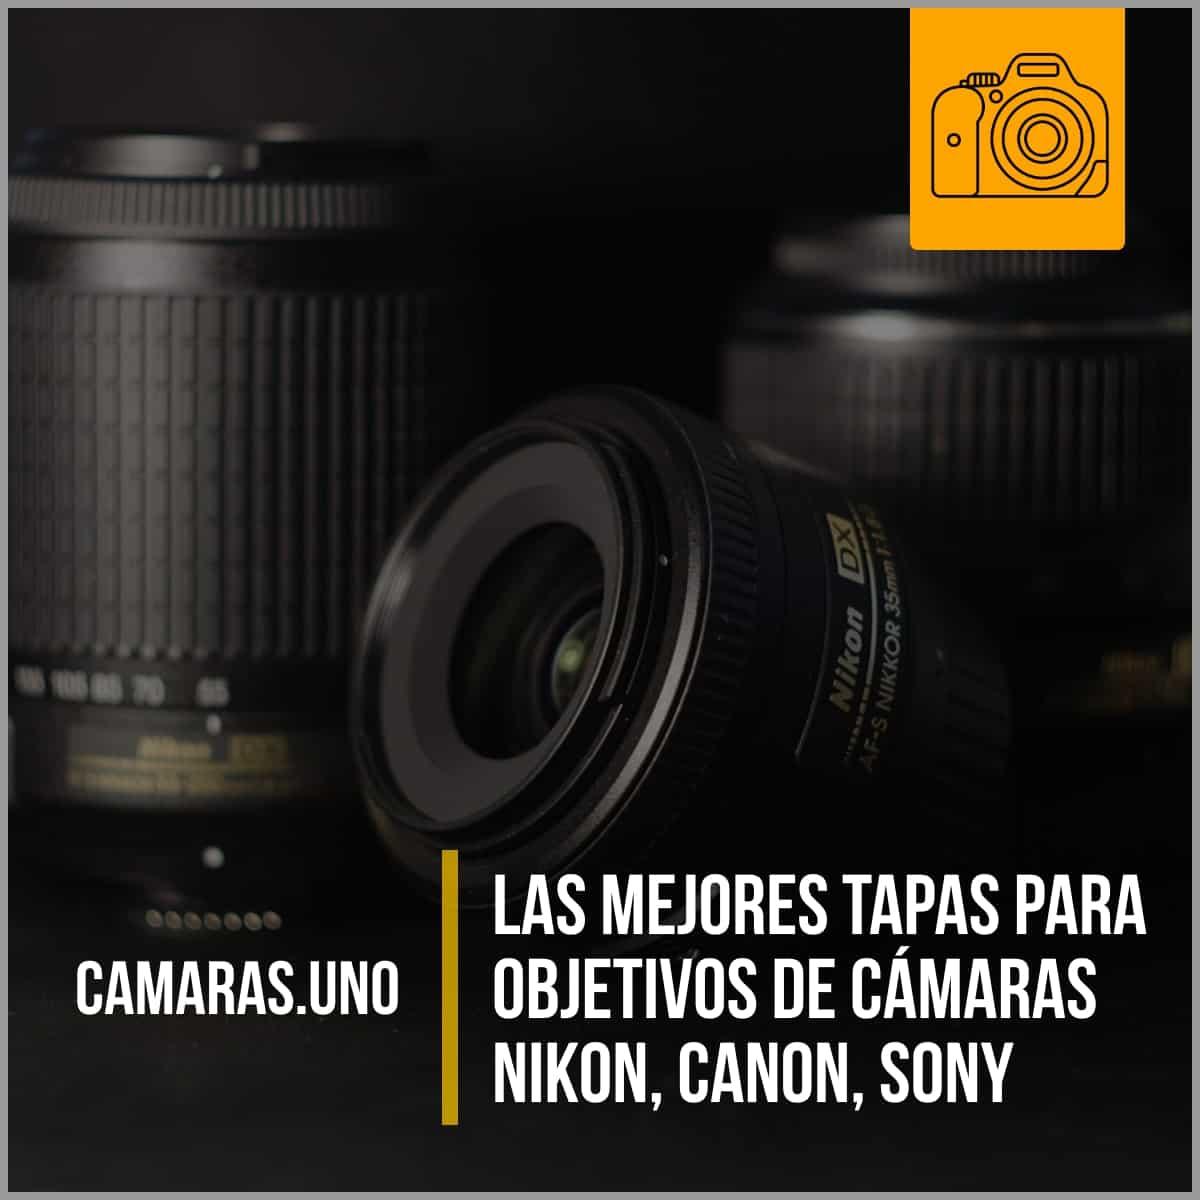 Las mejores tapas para objetivos de cámaras Nikon, Canon, Sony